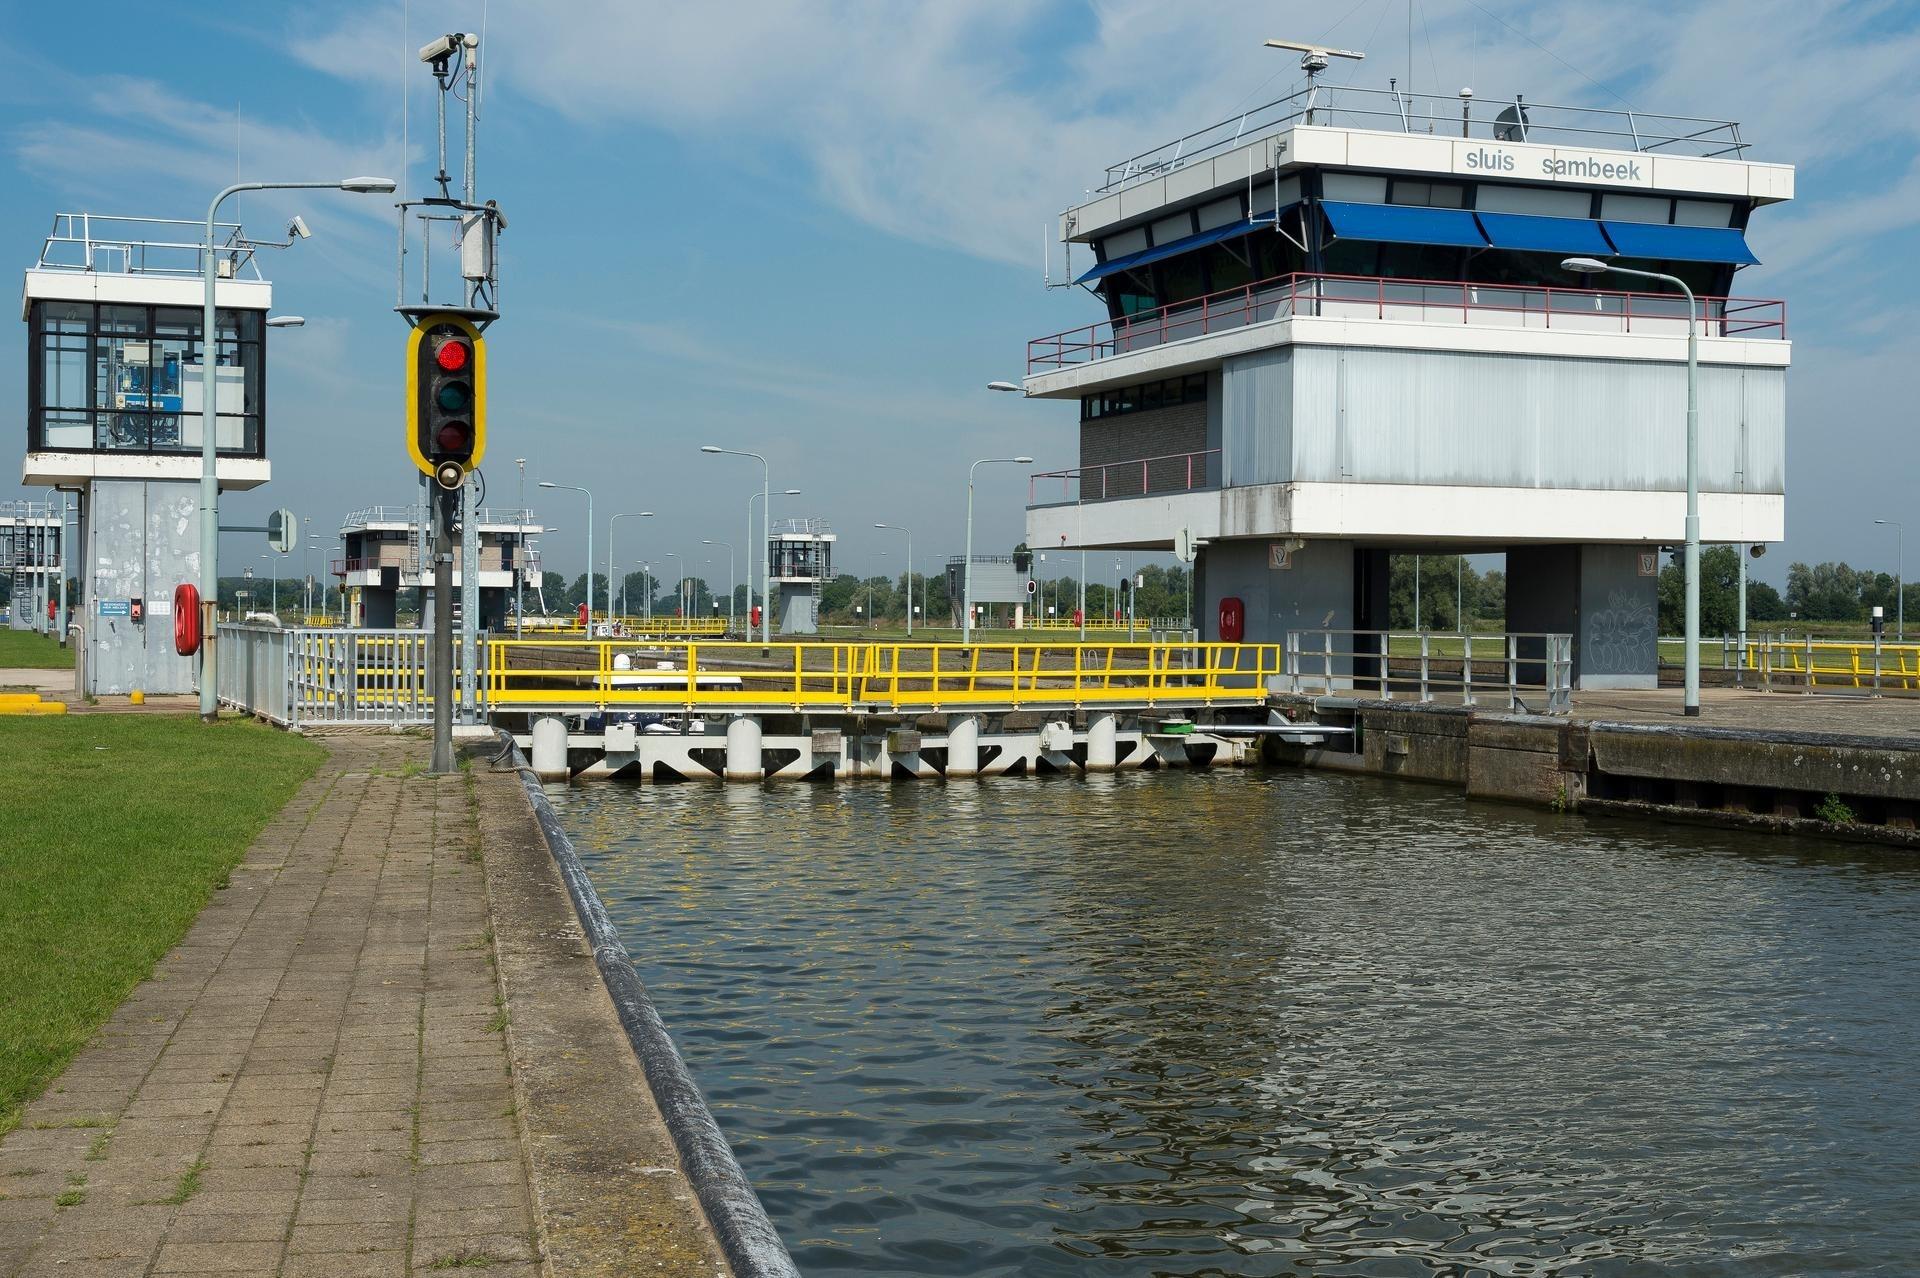 Sluis Sambeek (Foto Rijkswaterstaat)